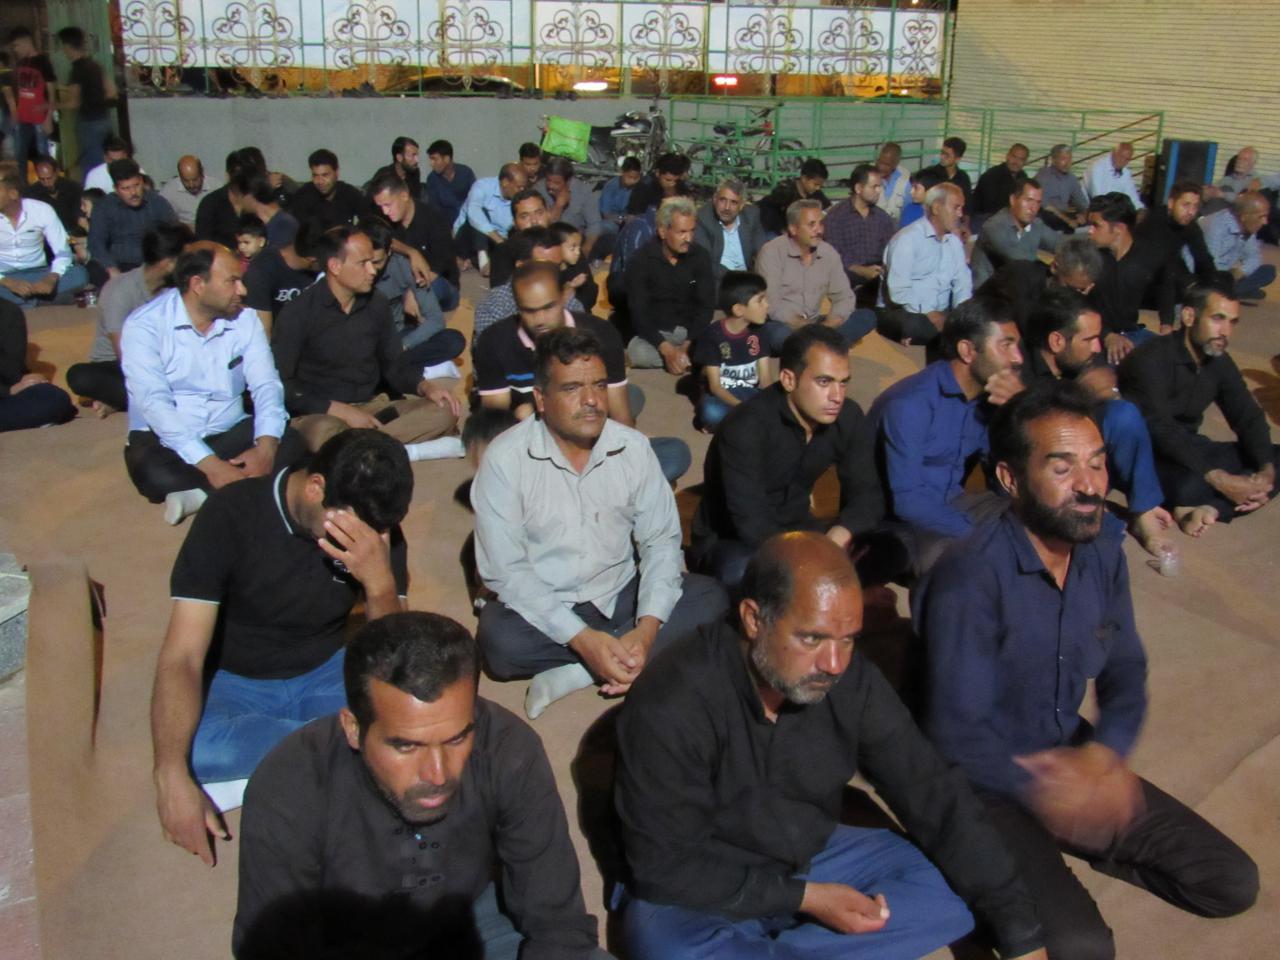 مراسم شام شهادت امام جعفر صادق(ع) در محله صادقیون  برگزارشد